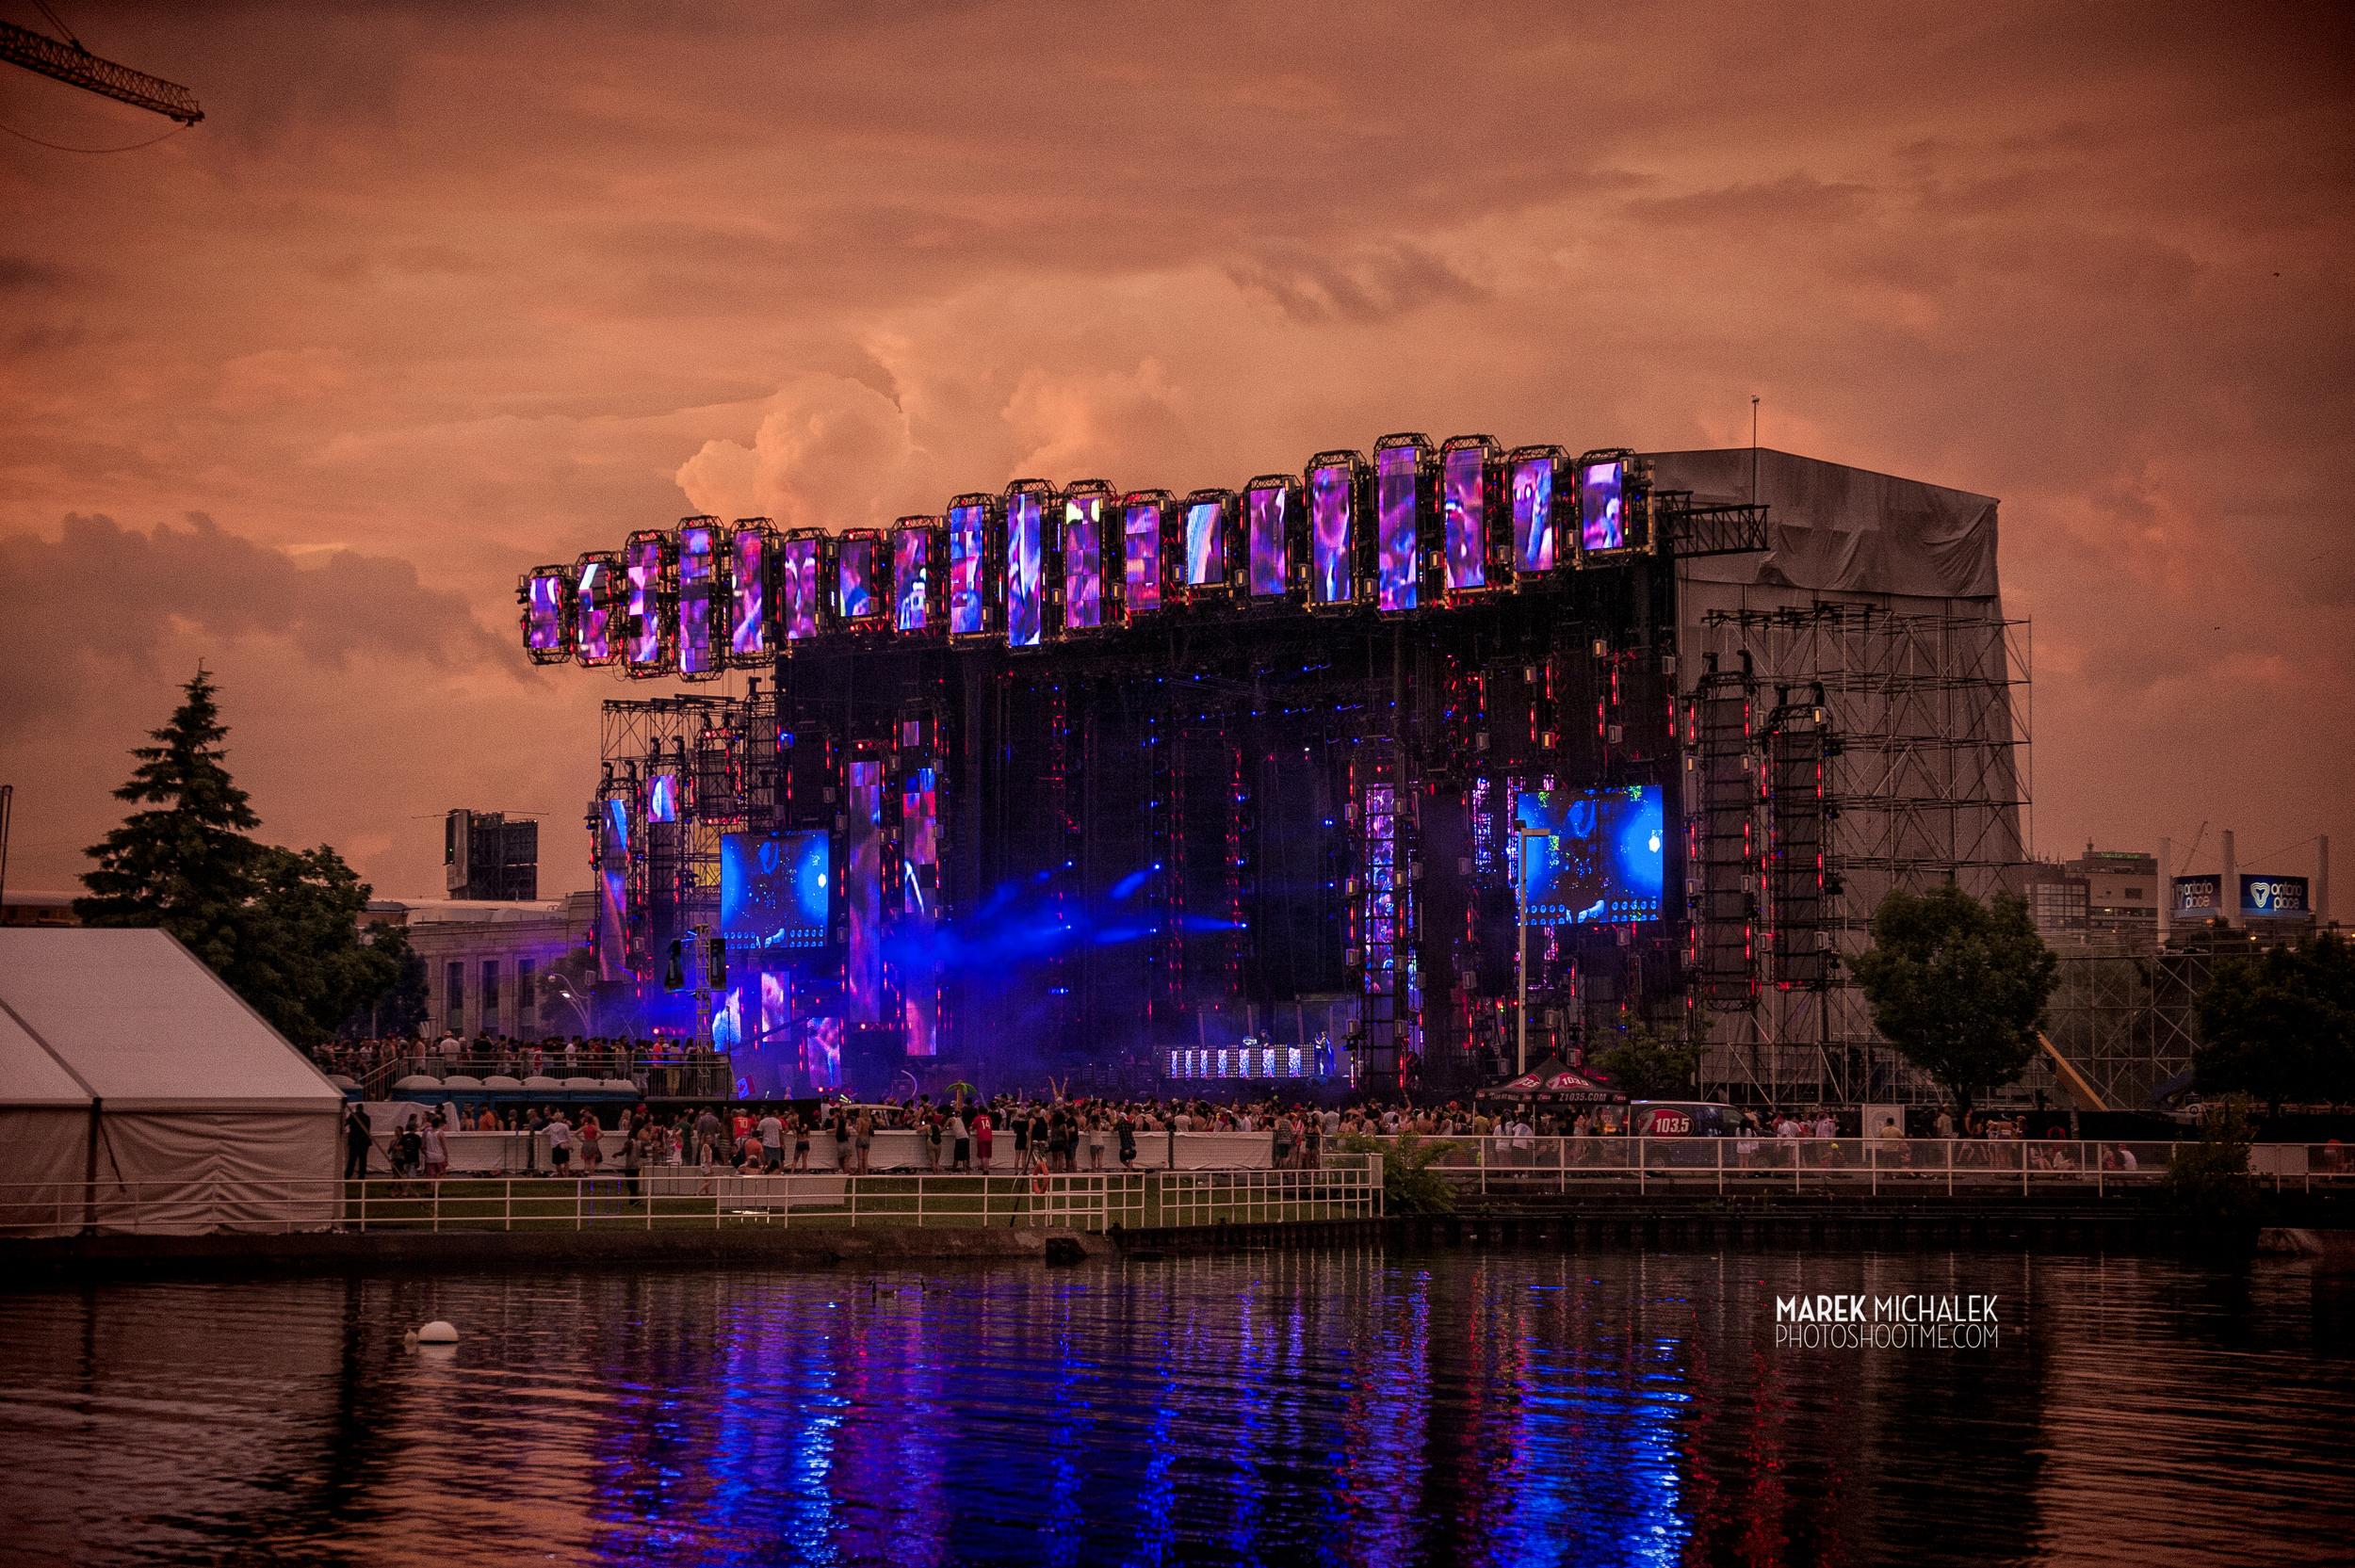 Digital Dreams Saturday 2014 - Marek Michalek 0508.JPG